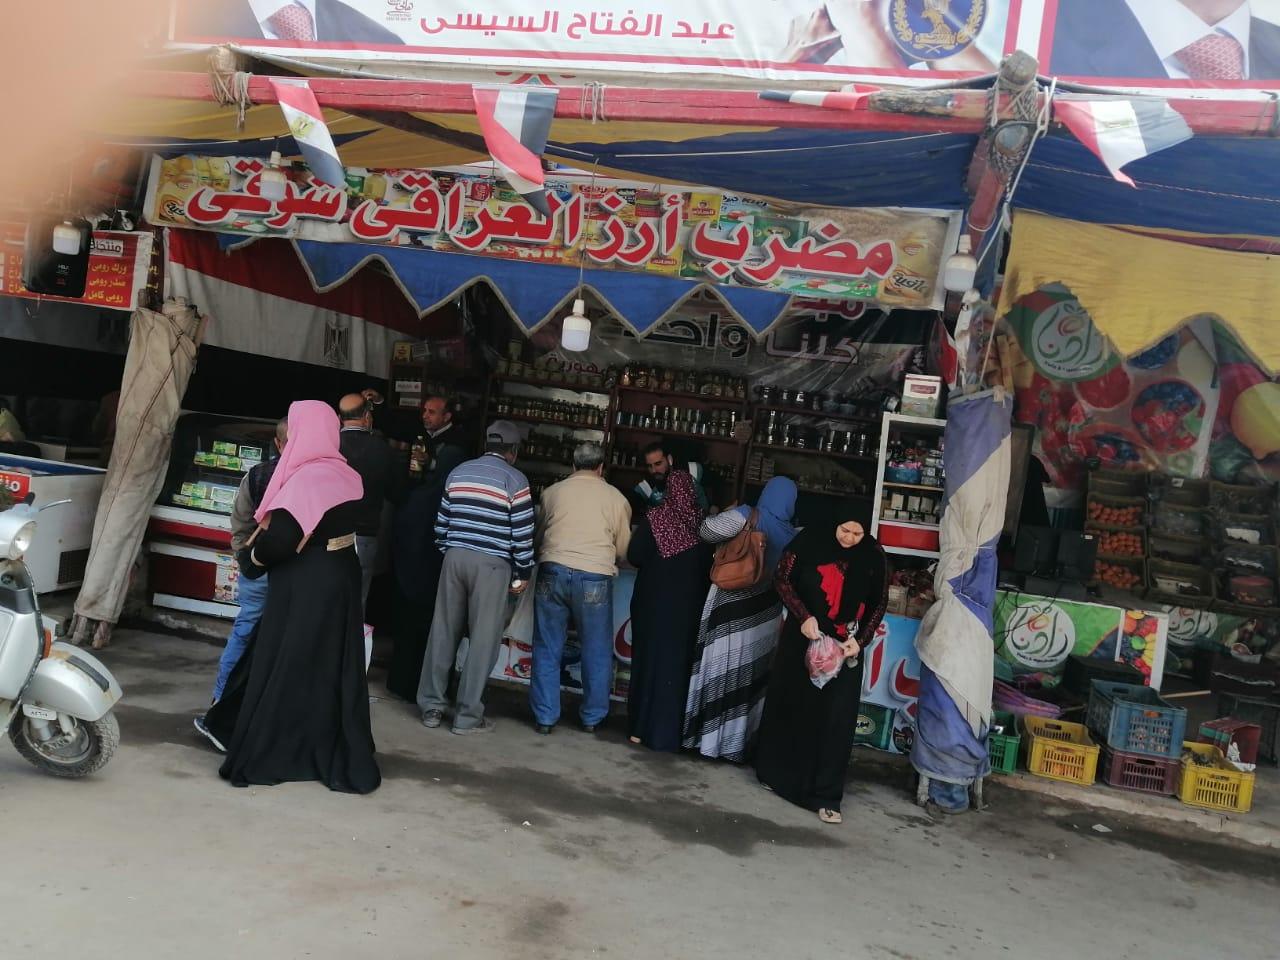 اسواق تحيا مصر للخضر والفاكهة بالغربية (1)